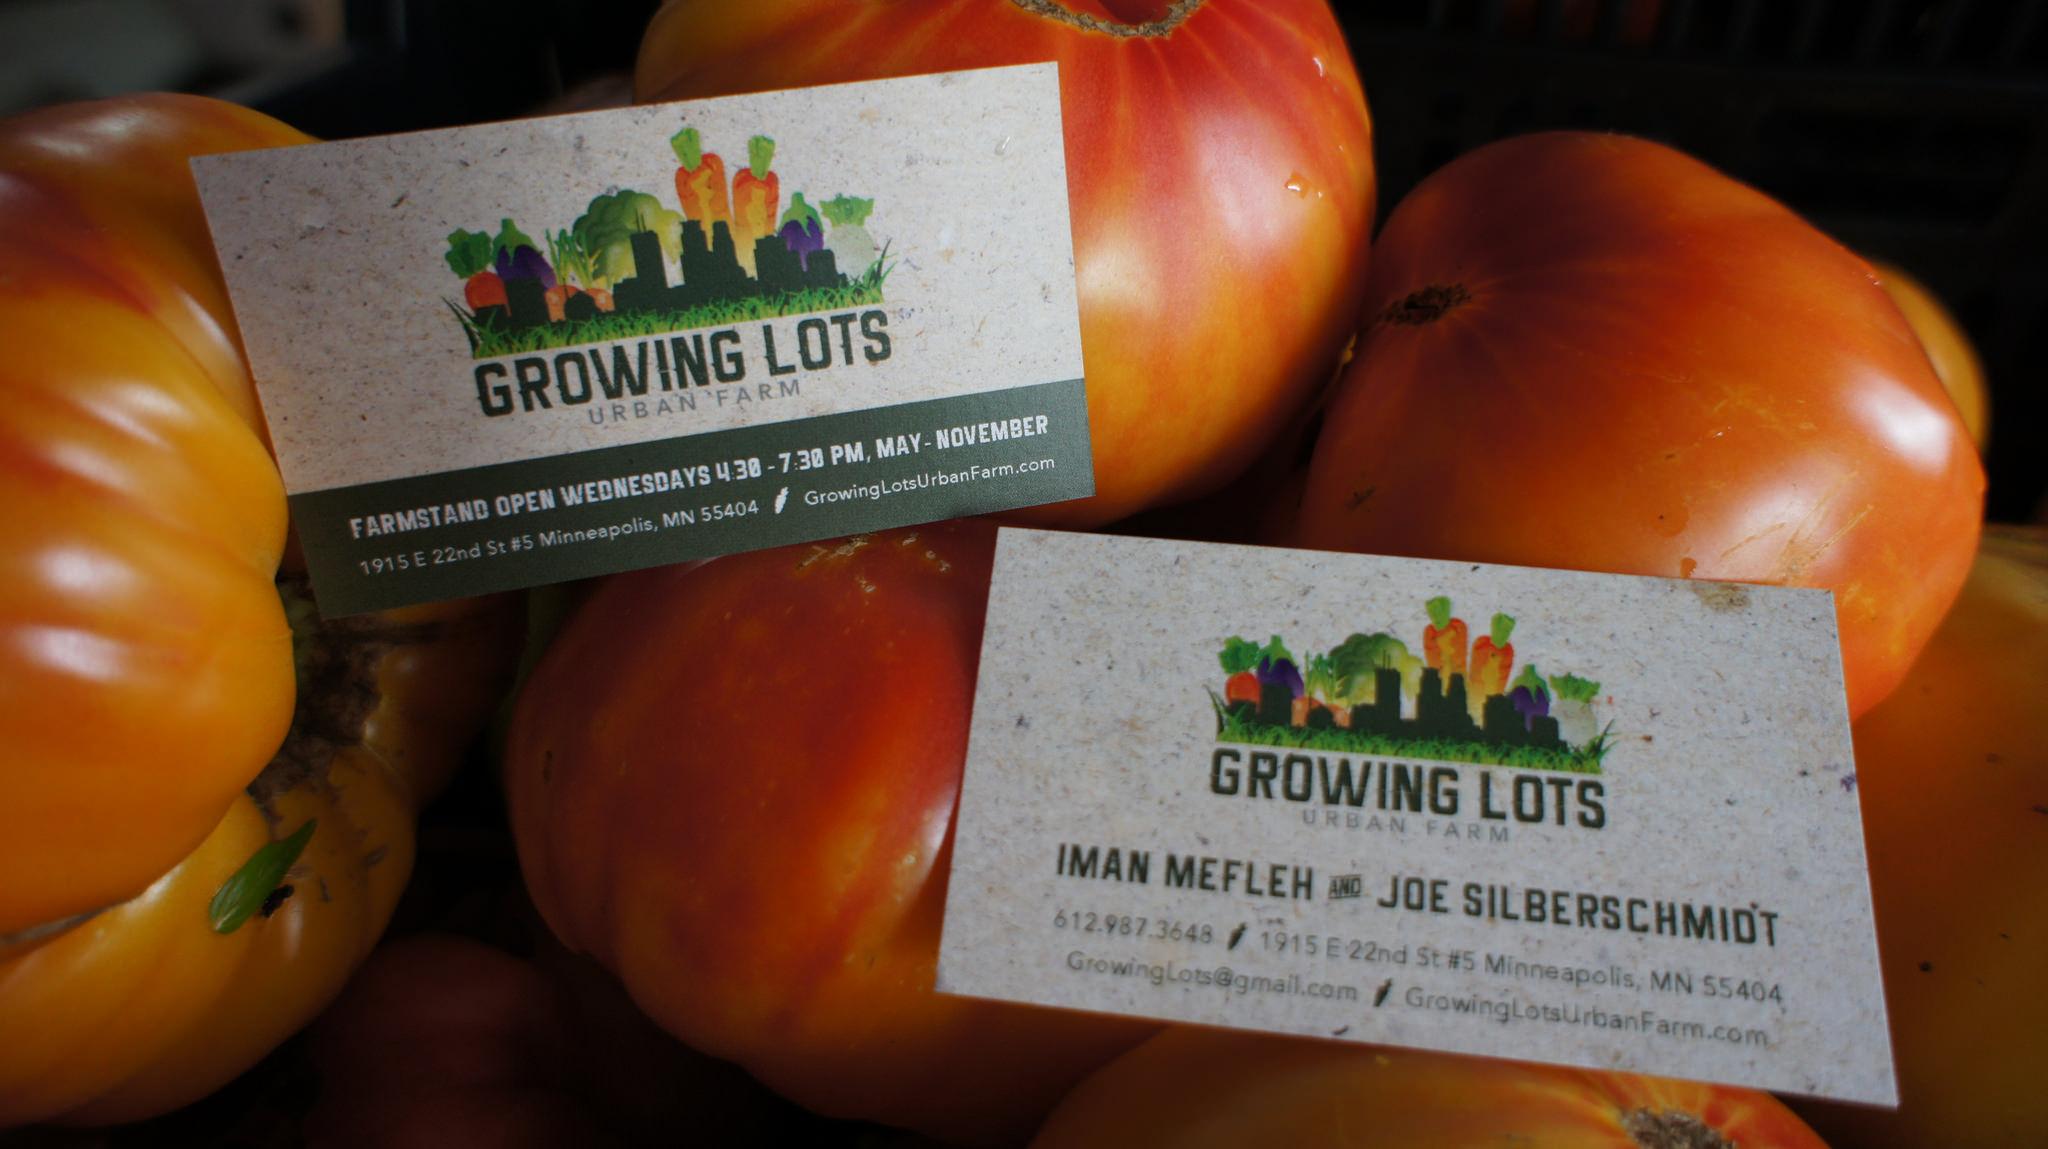 Growing-Lots-Card on veggies